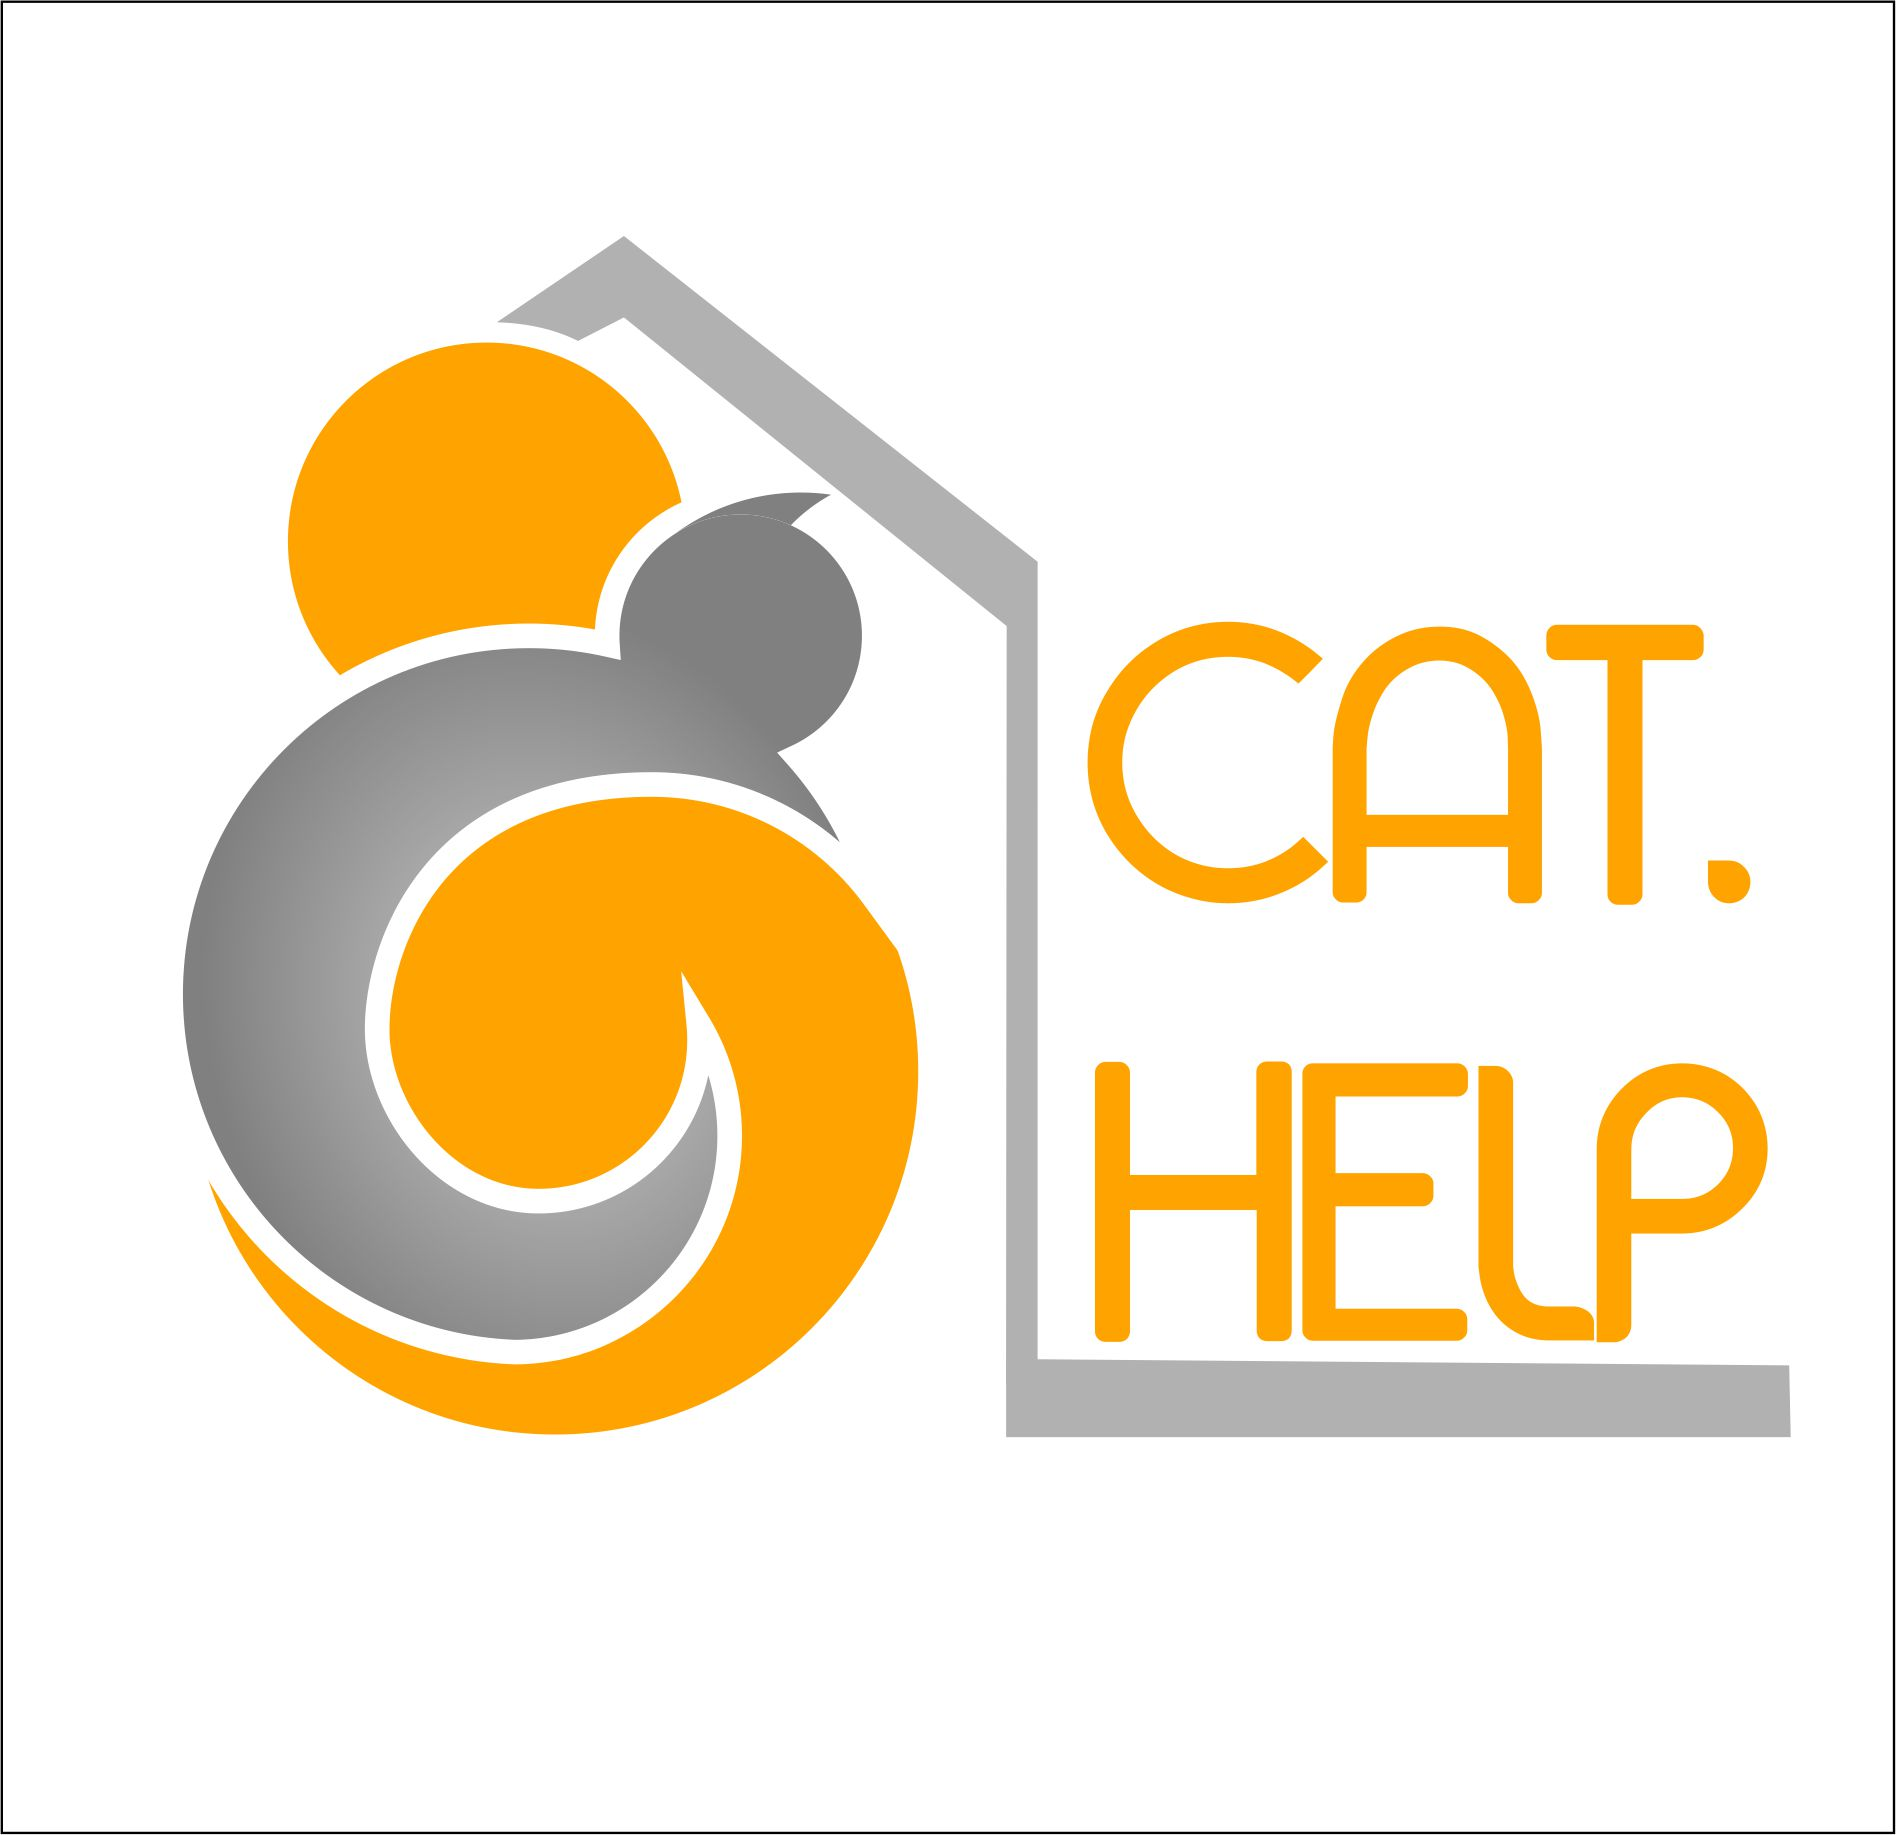 логотип для сайта и группы вк - cat.help фото f_18459dd01c51ff23.jpg